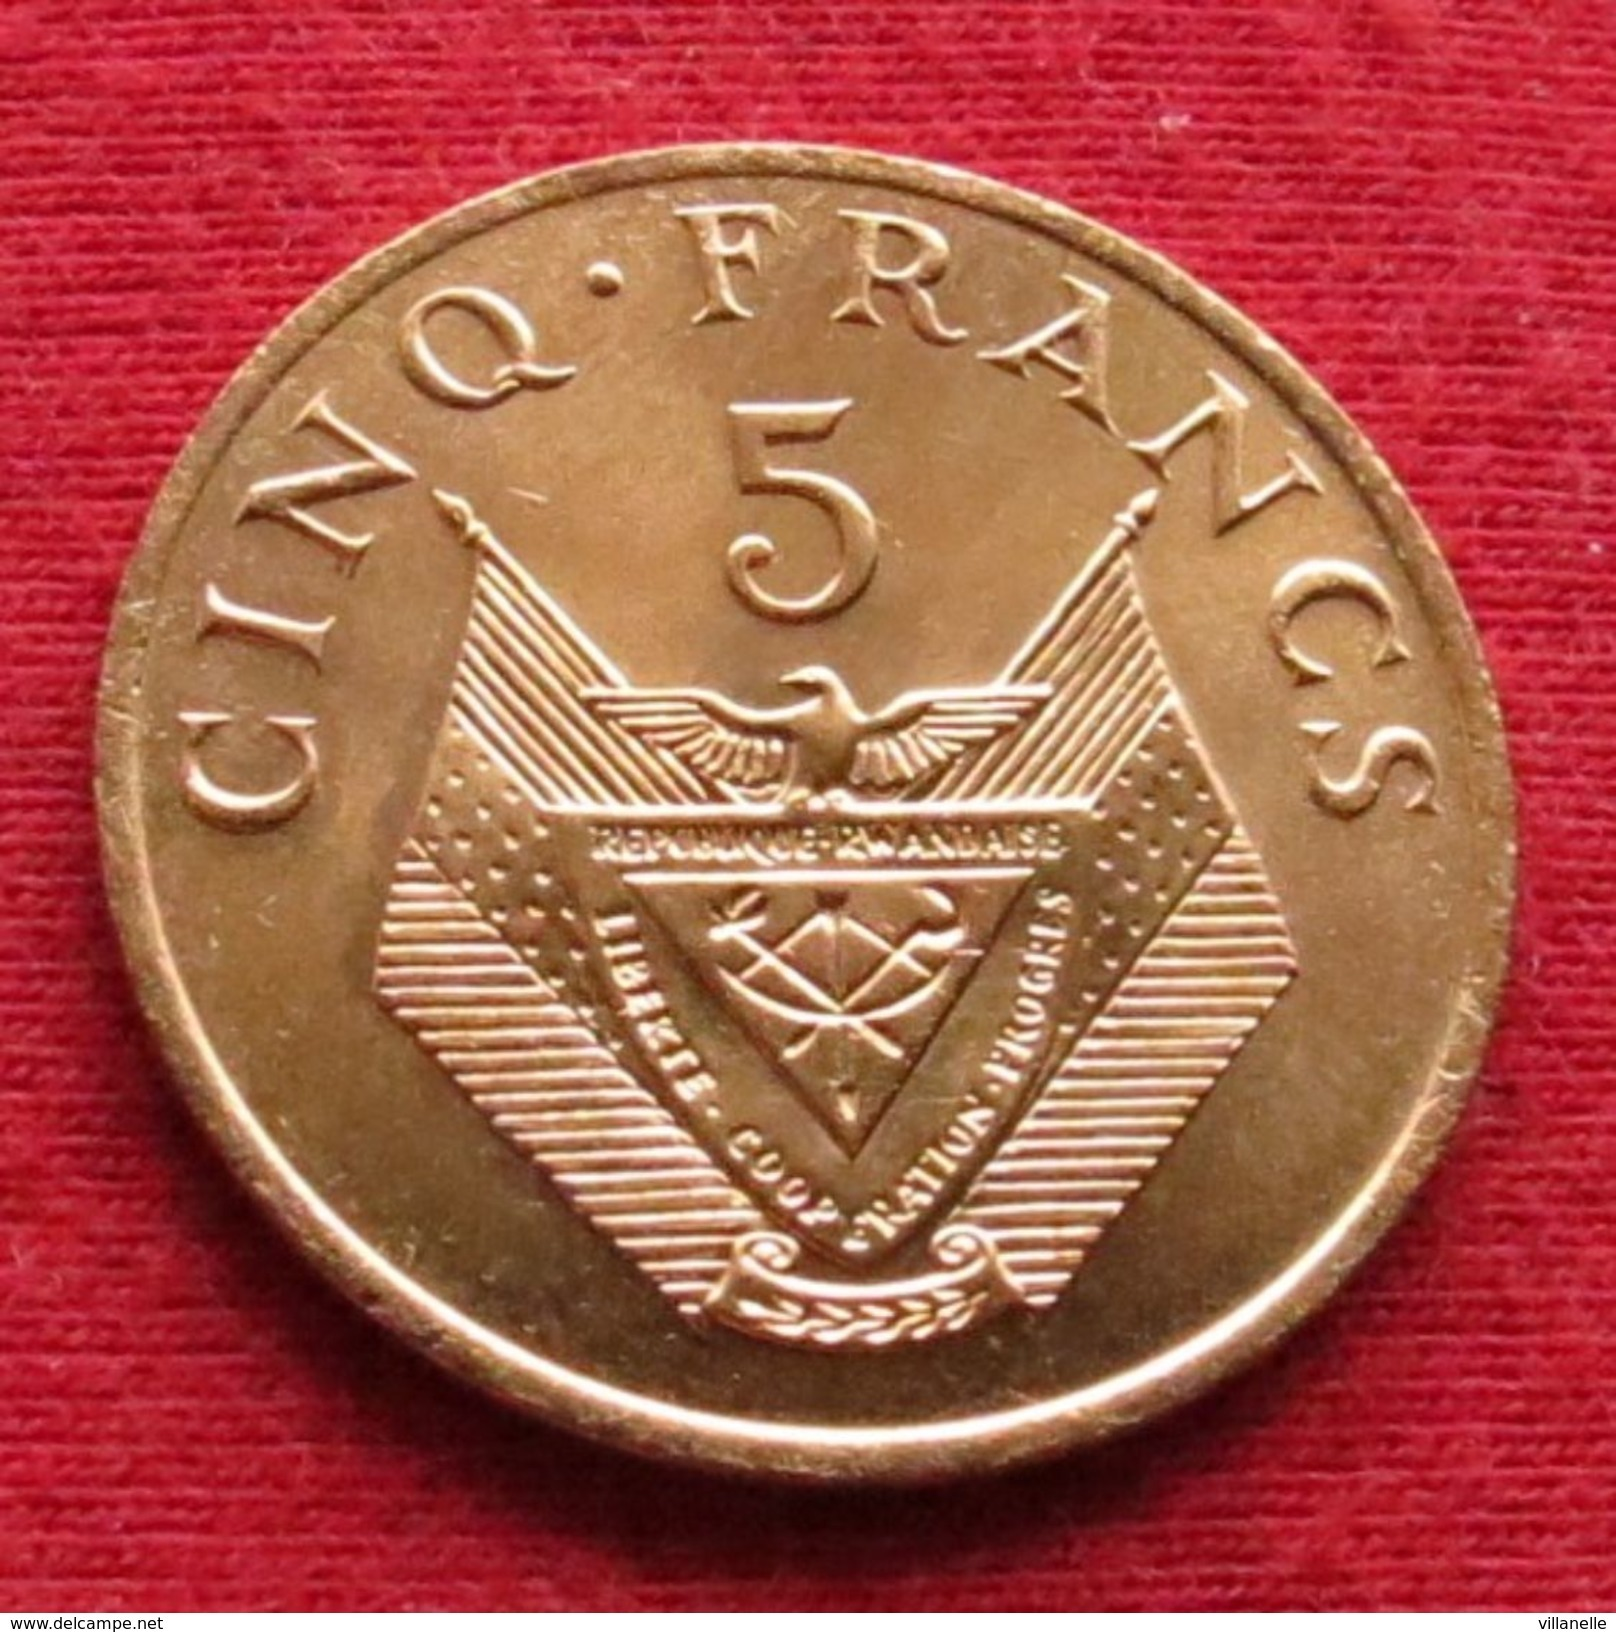 Rwanda 5 Francs 1987  Ruanda UNCºº - Rwanda